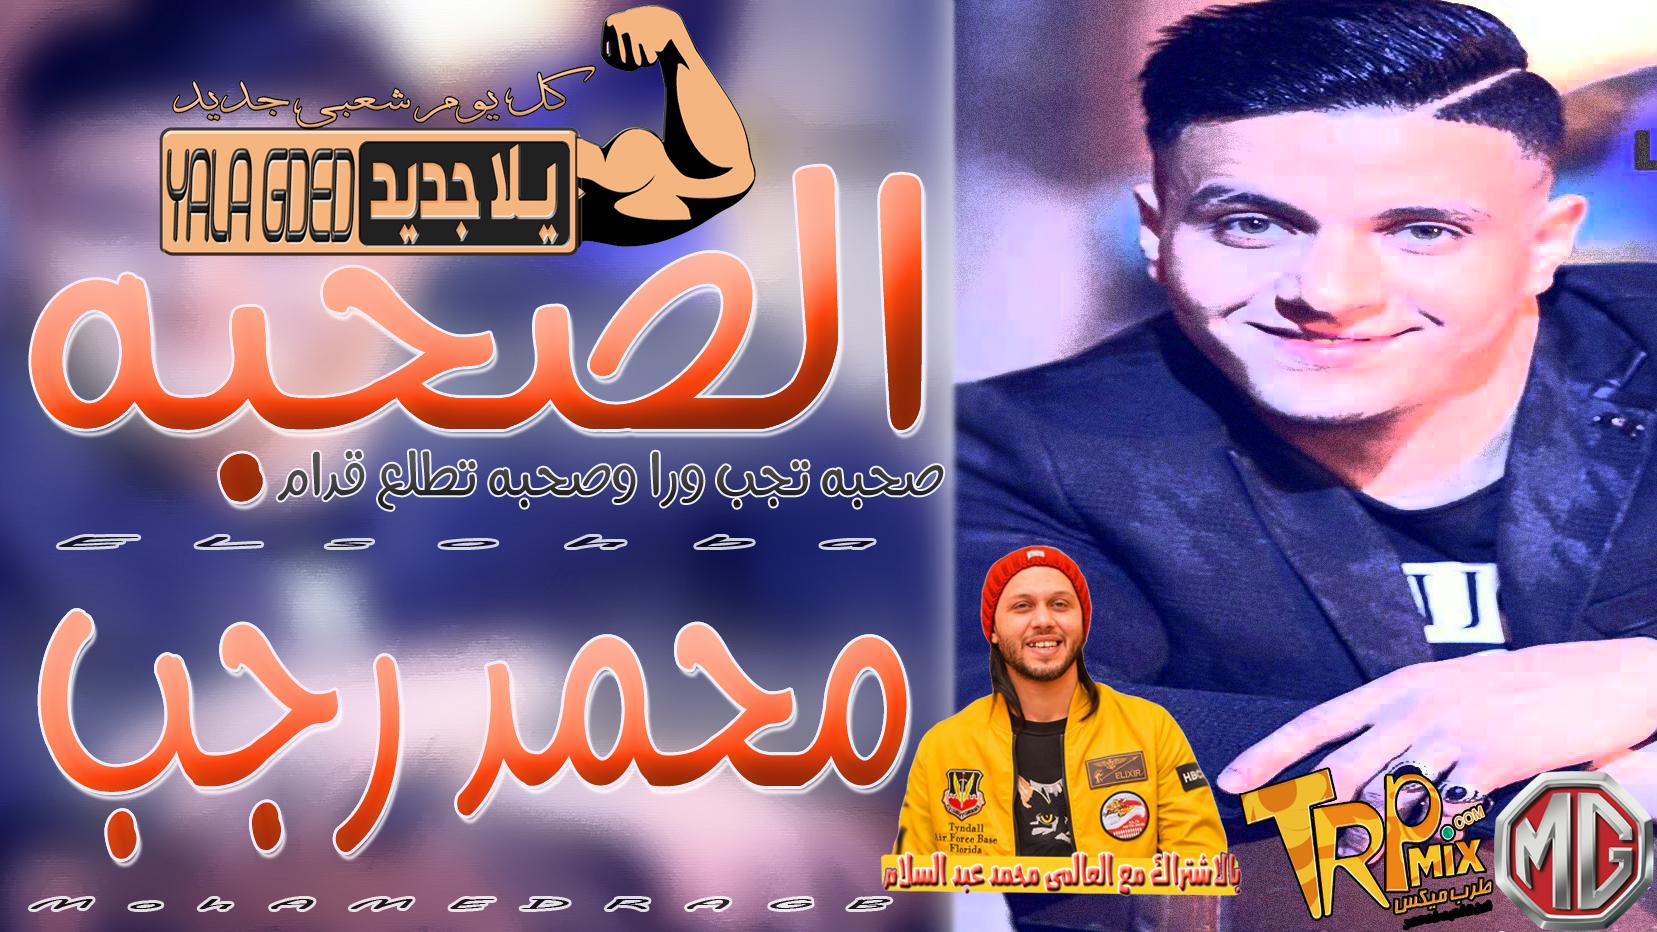 موال الصحبه | محمد رجب | عبسلام | موال ع الرايق | جديد2019